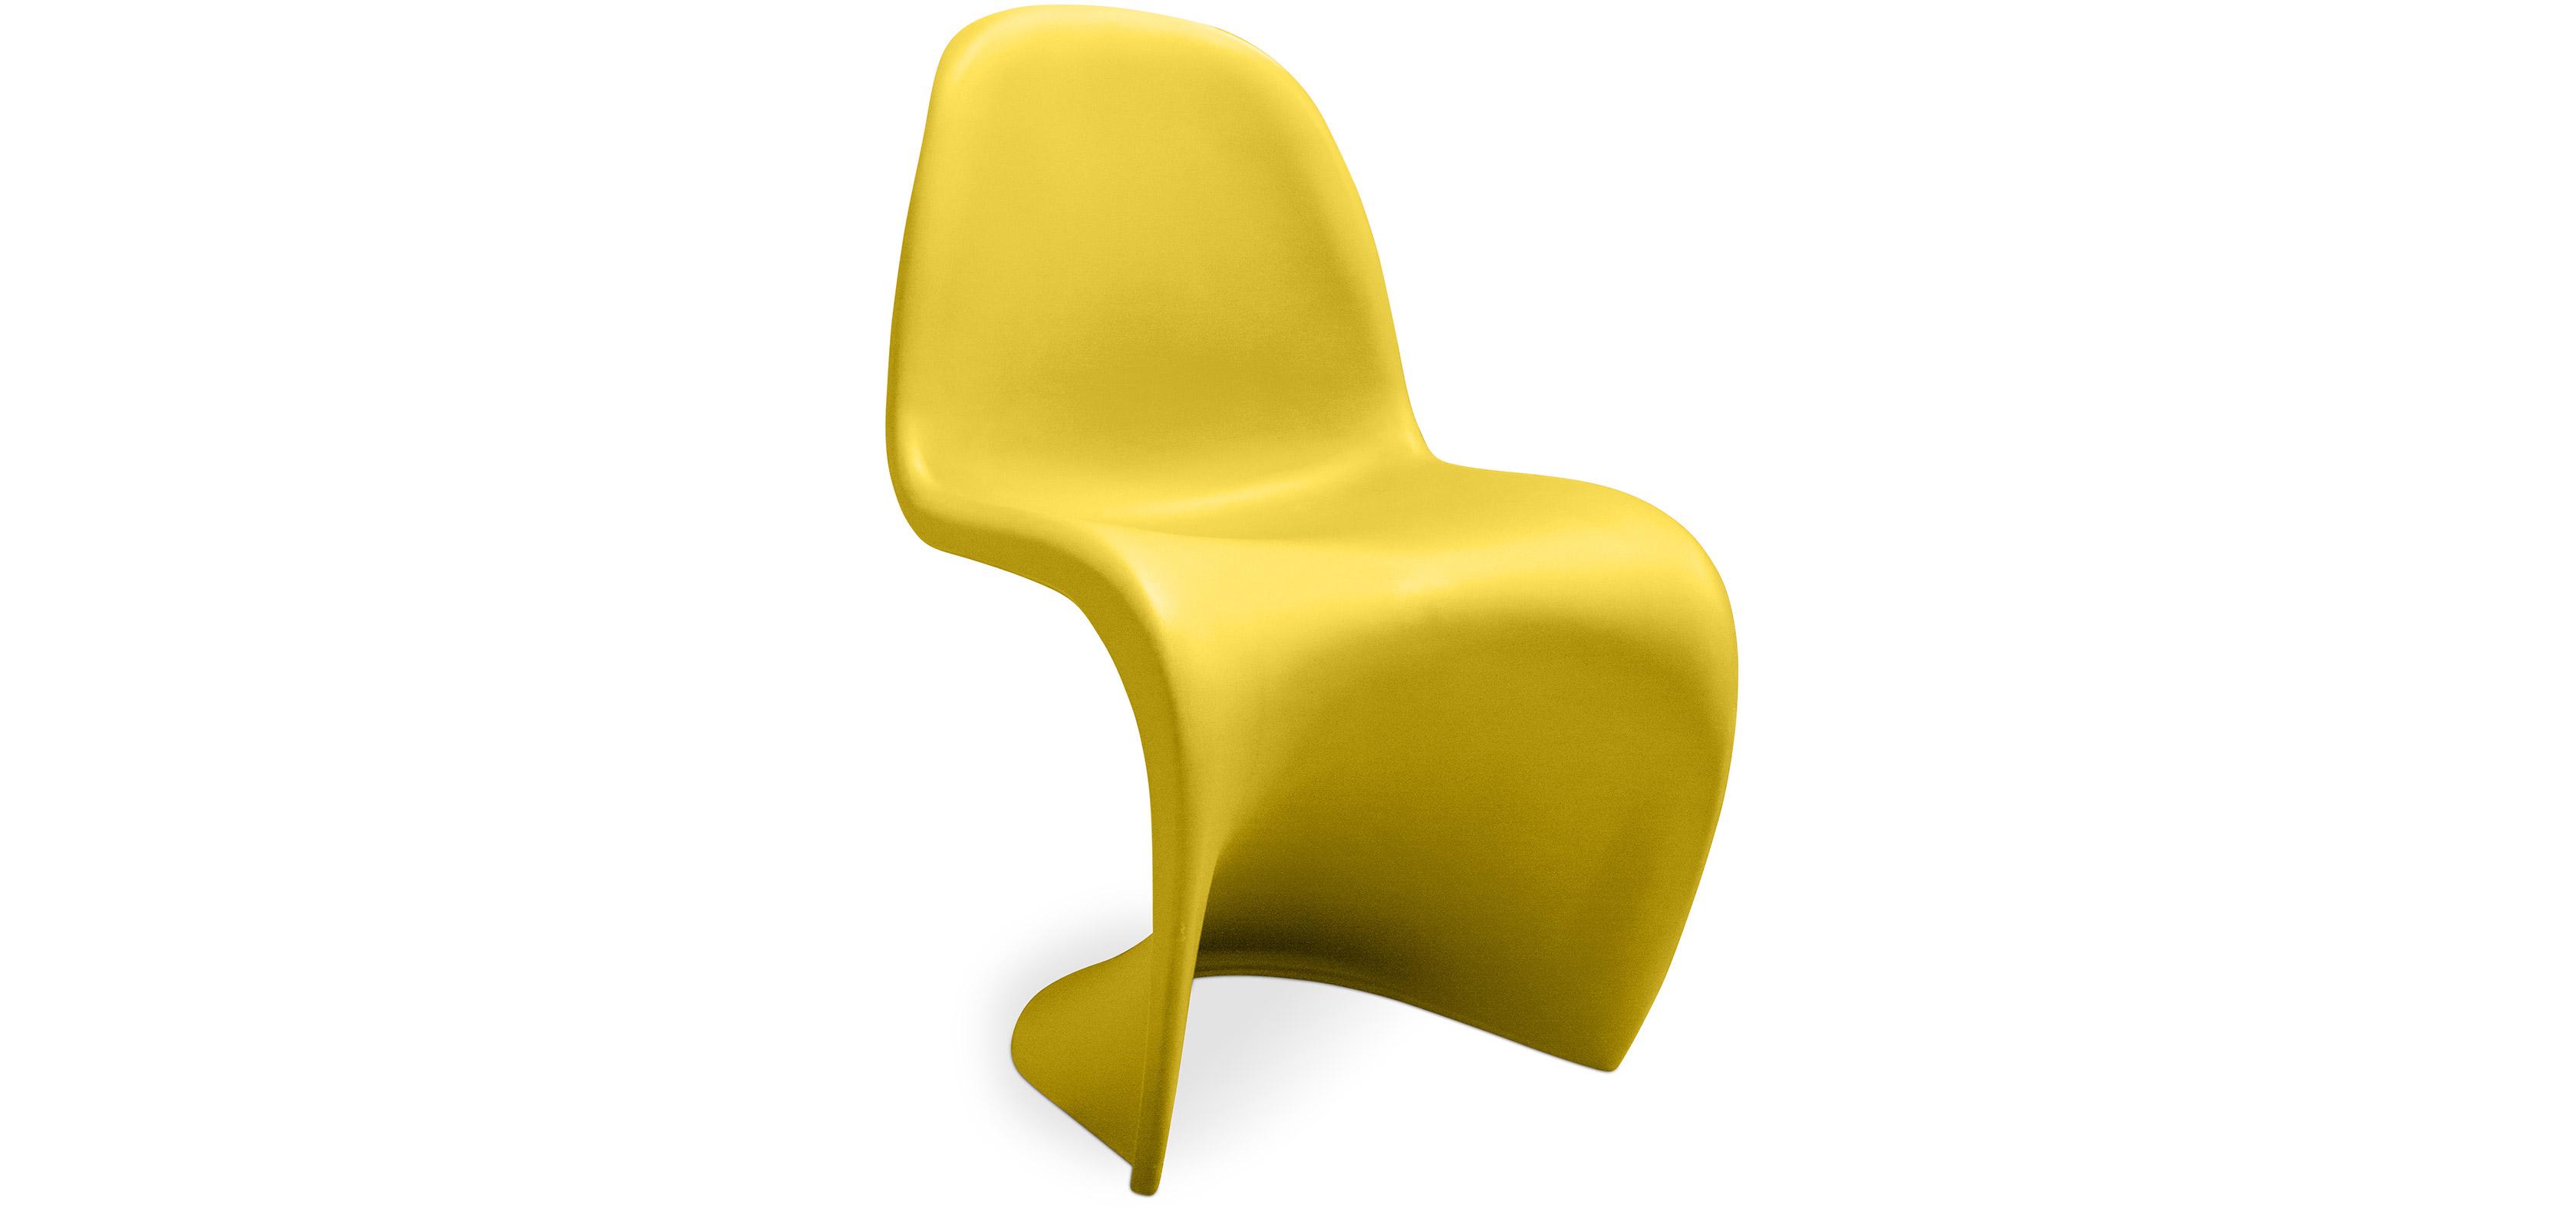 Chaise panton junior interesting chaise et table pour - Chaise panton blanche ...